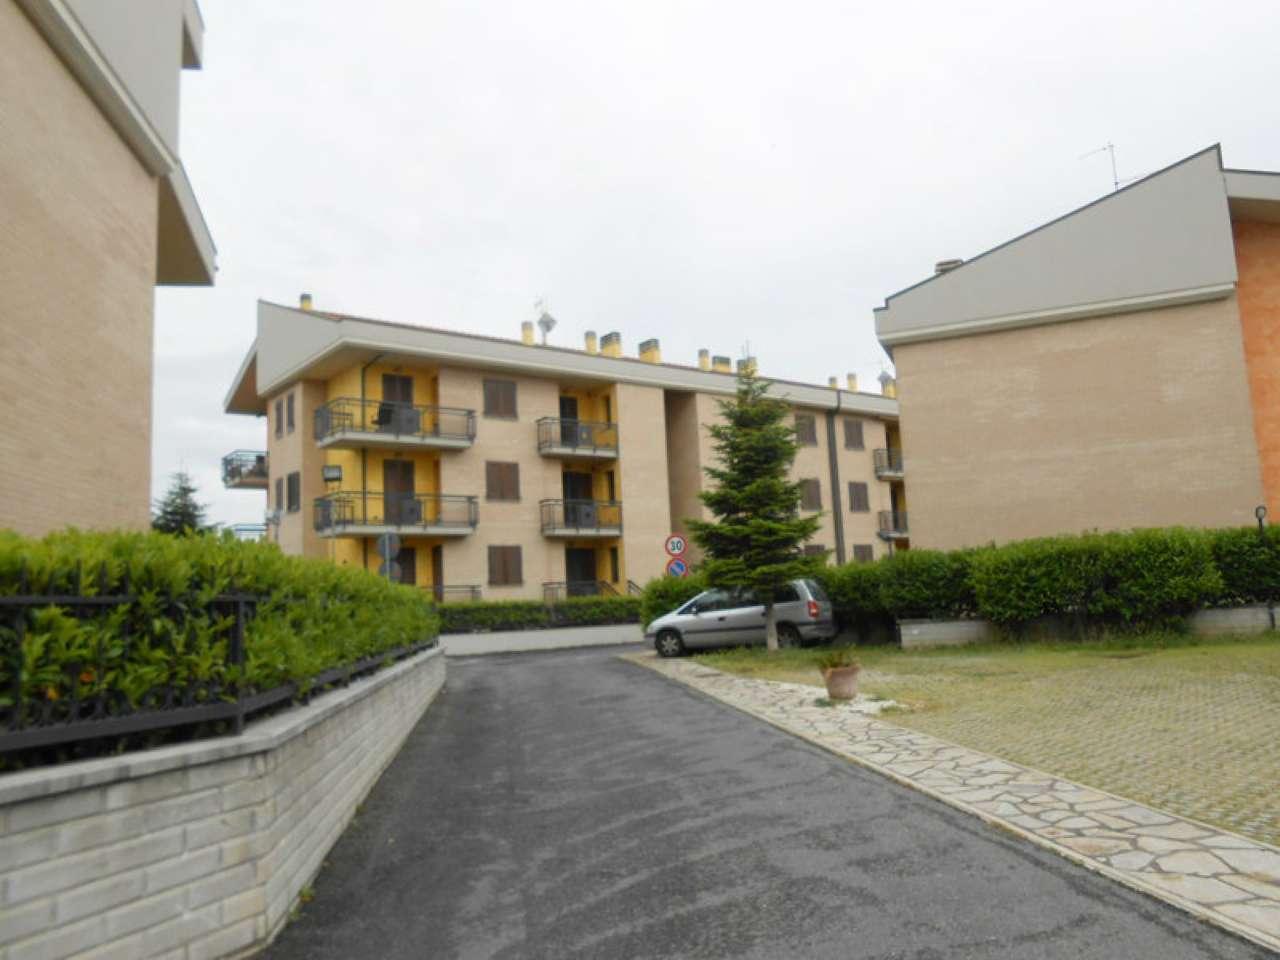 Appartamenti quadrilocali in affitto a roma for Appartamenti arredati in affitto a roma